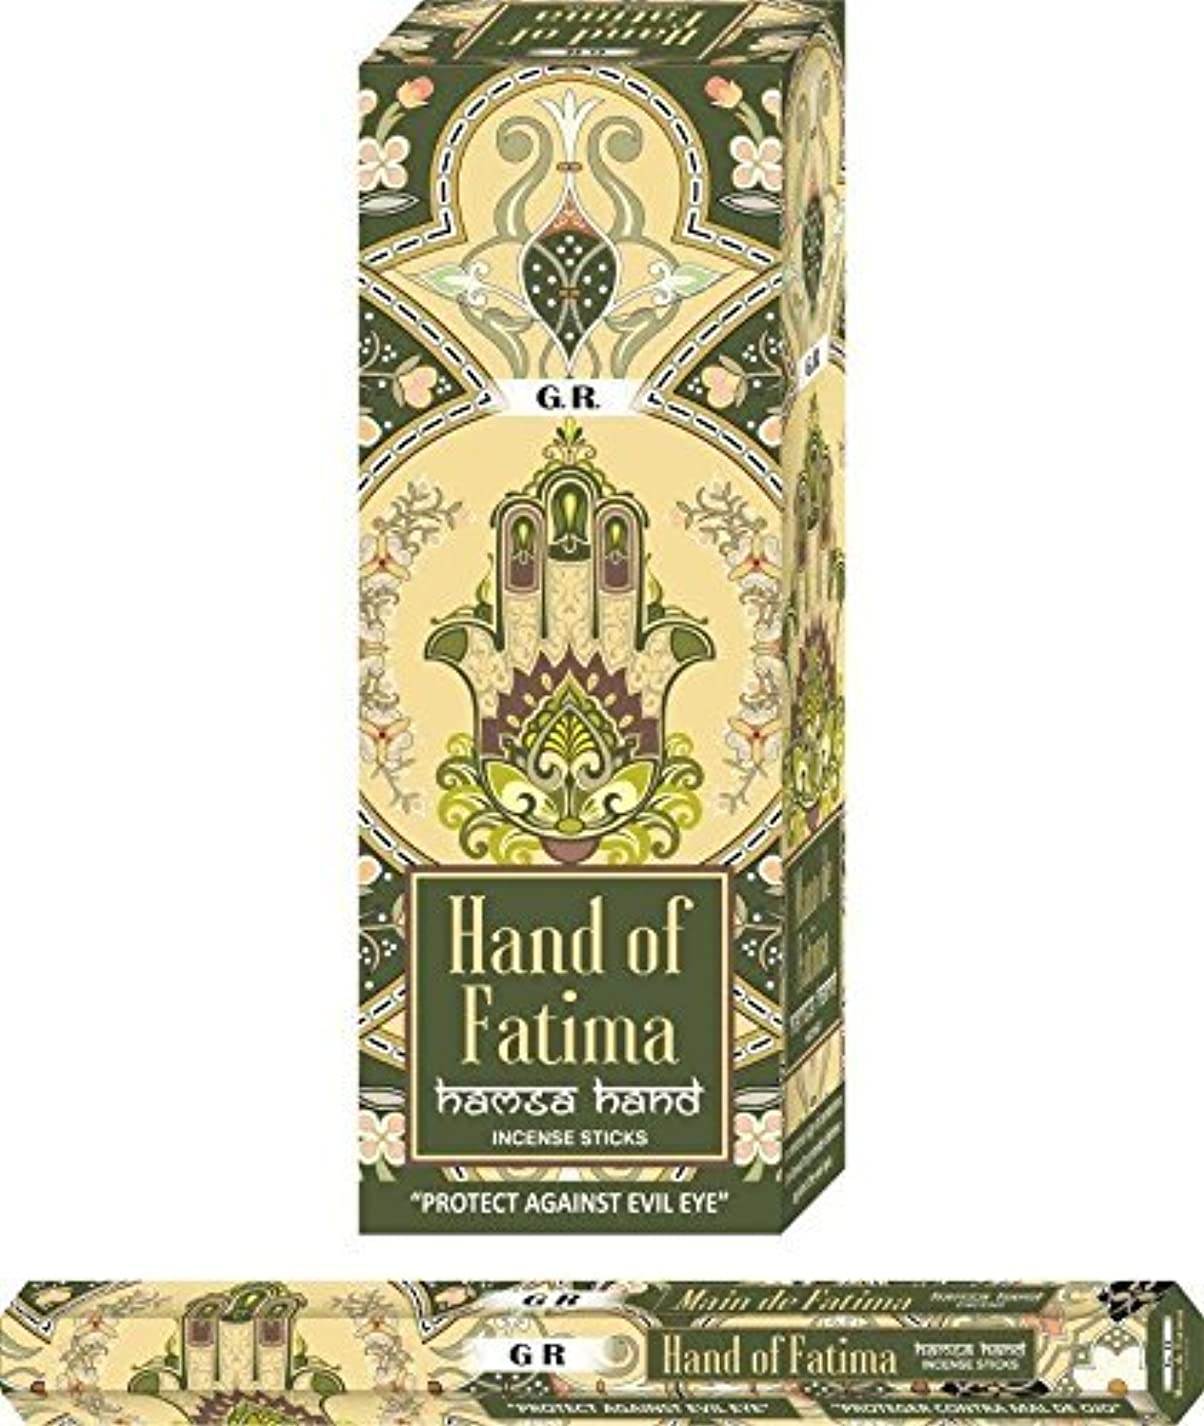 続けるミュウミュウアレルギーGR Incense Sticks -120 Sticks ( Hand of Fatima )